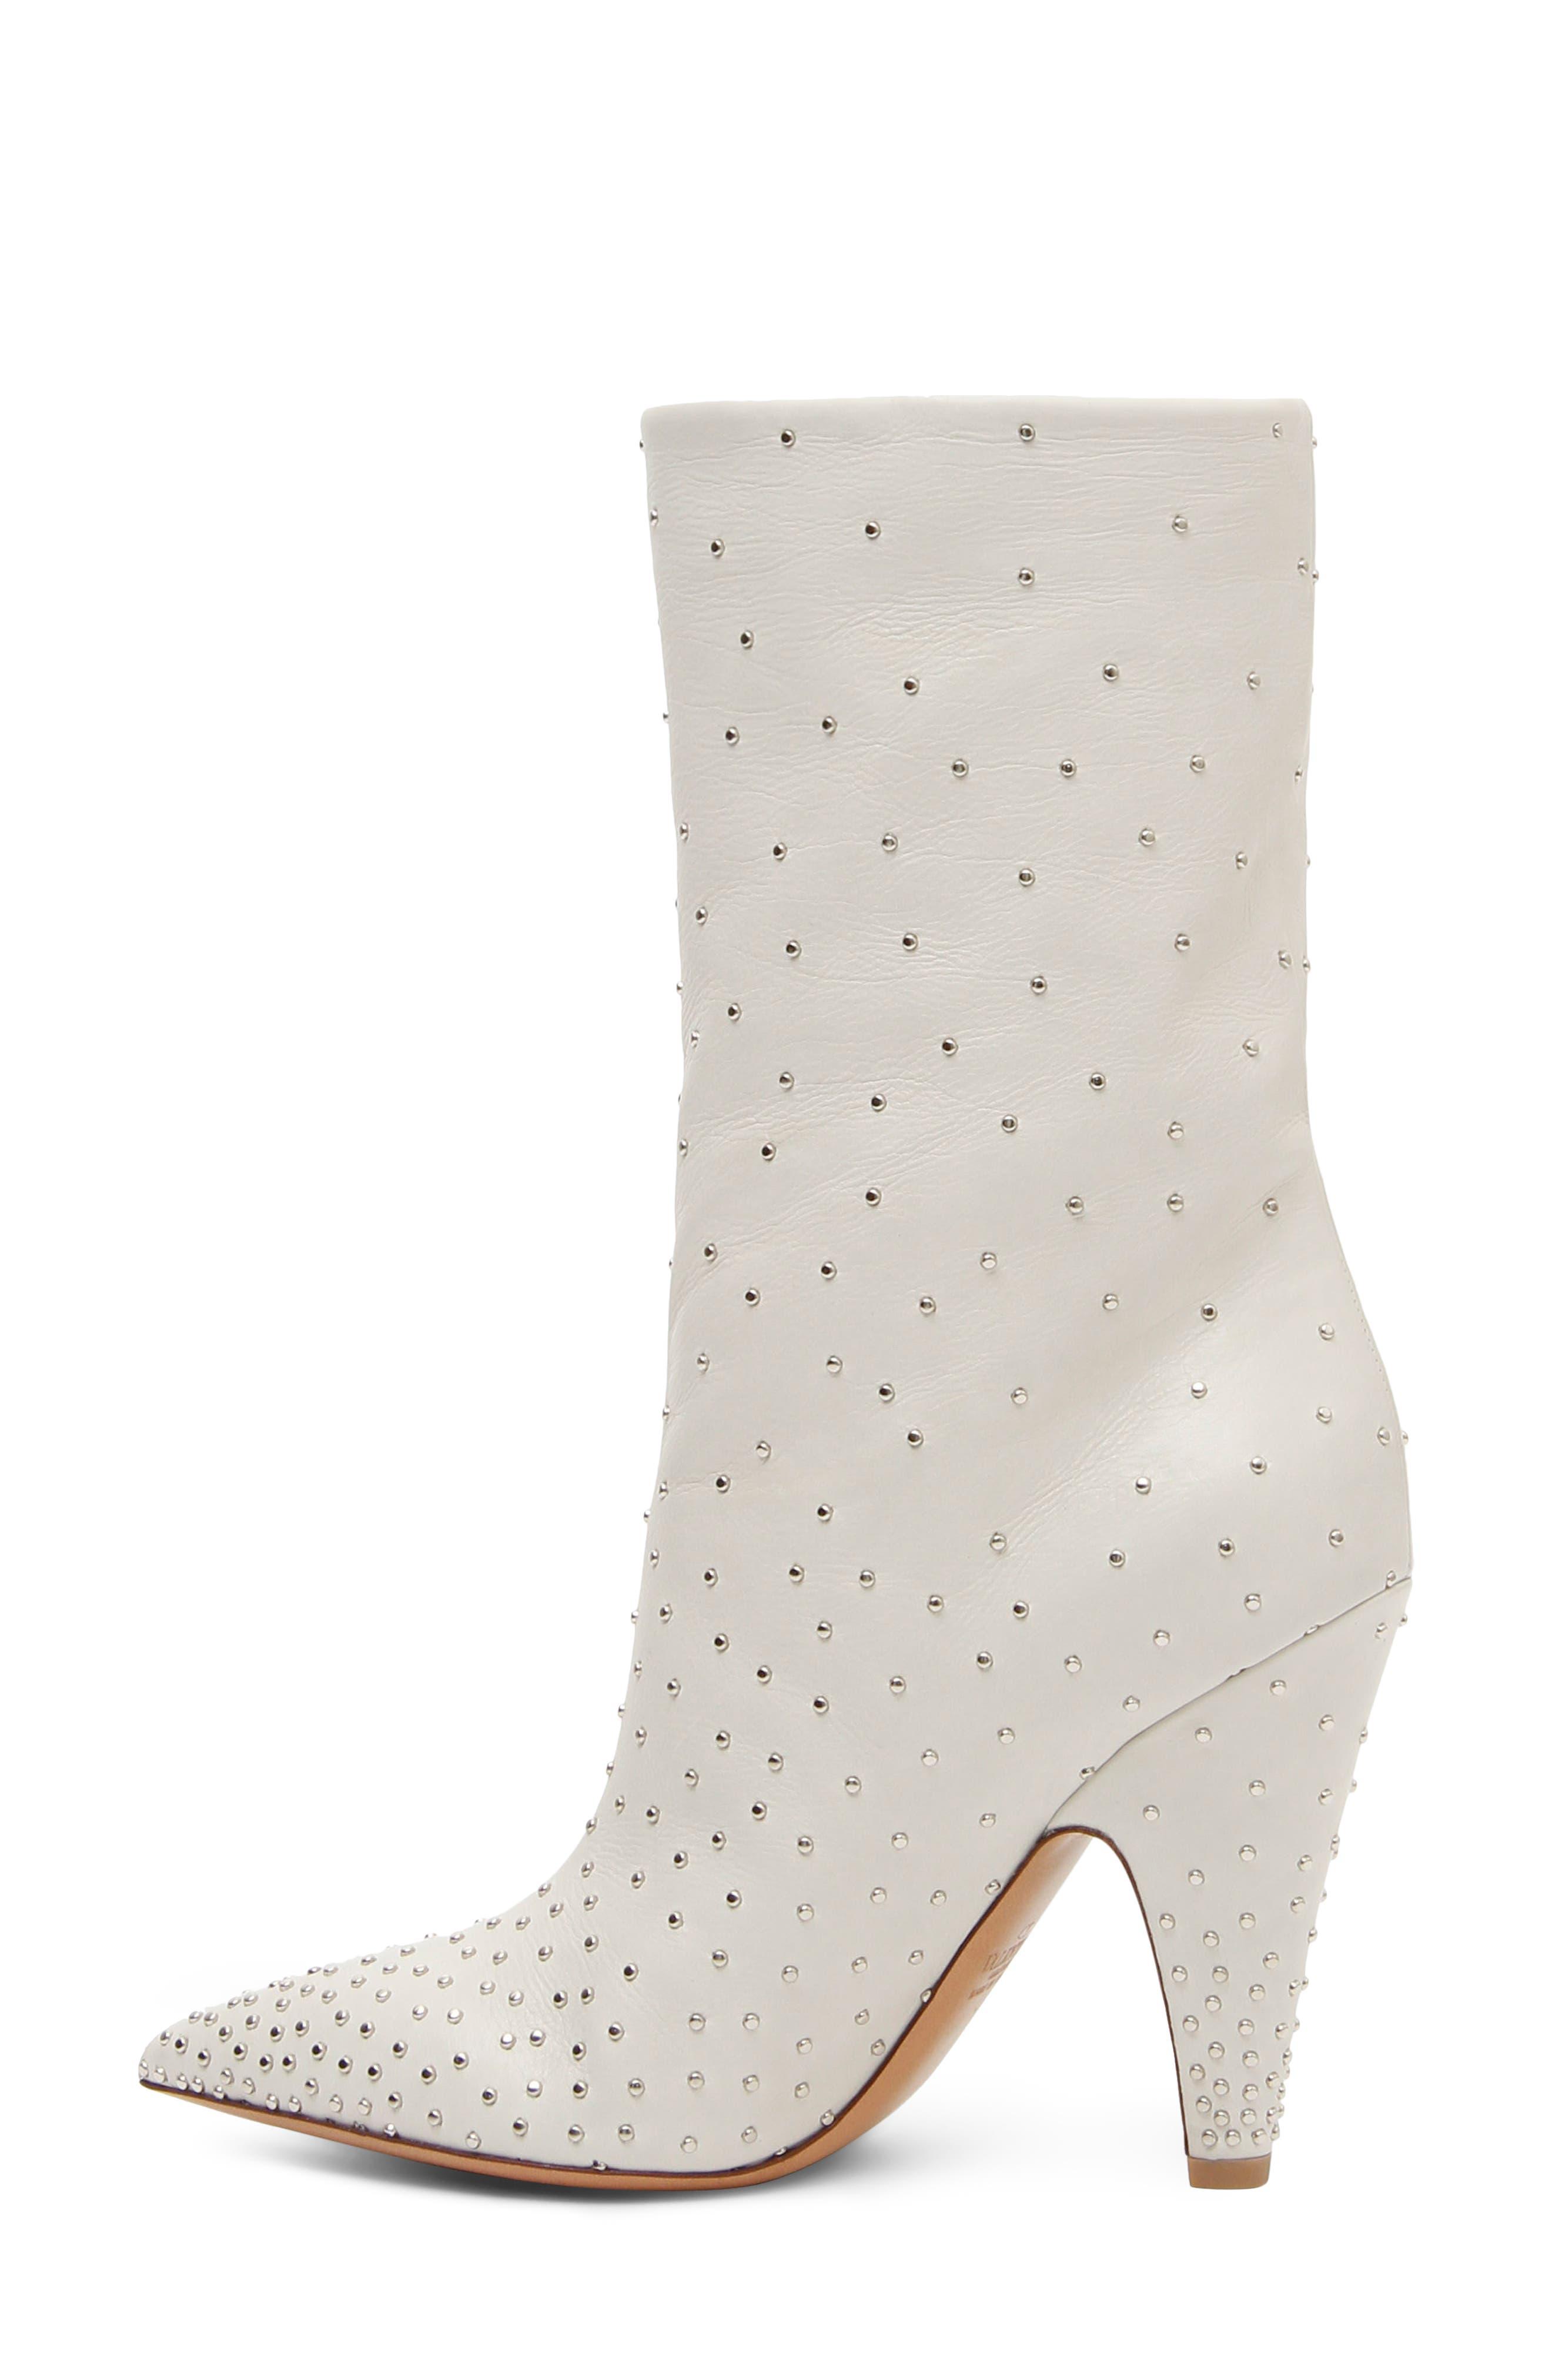 ValentinoWomen's Dewstuds Boot q0JYd5RkR8